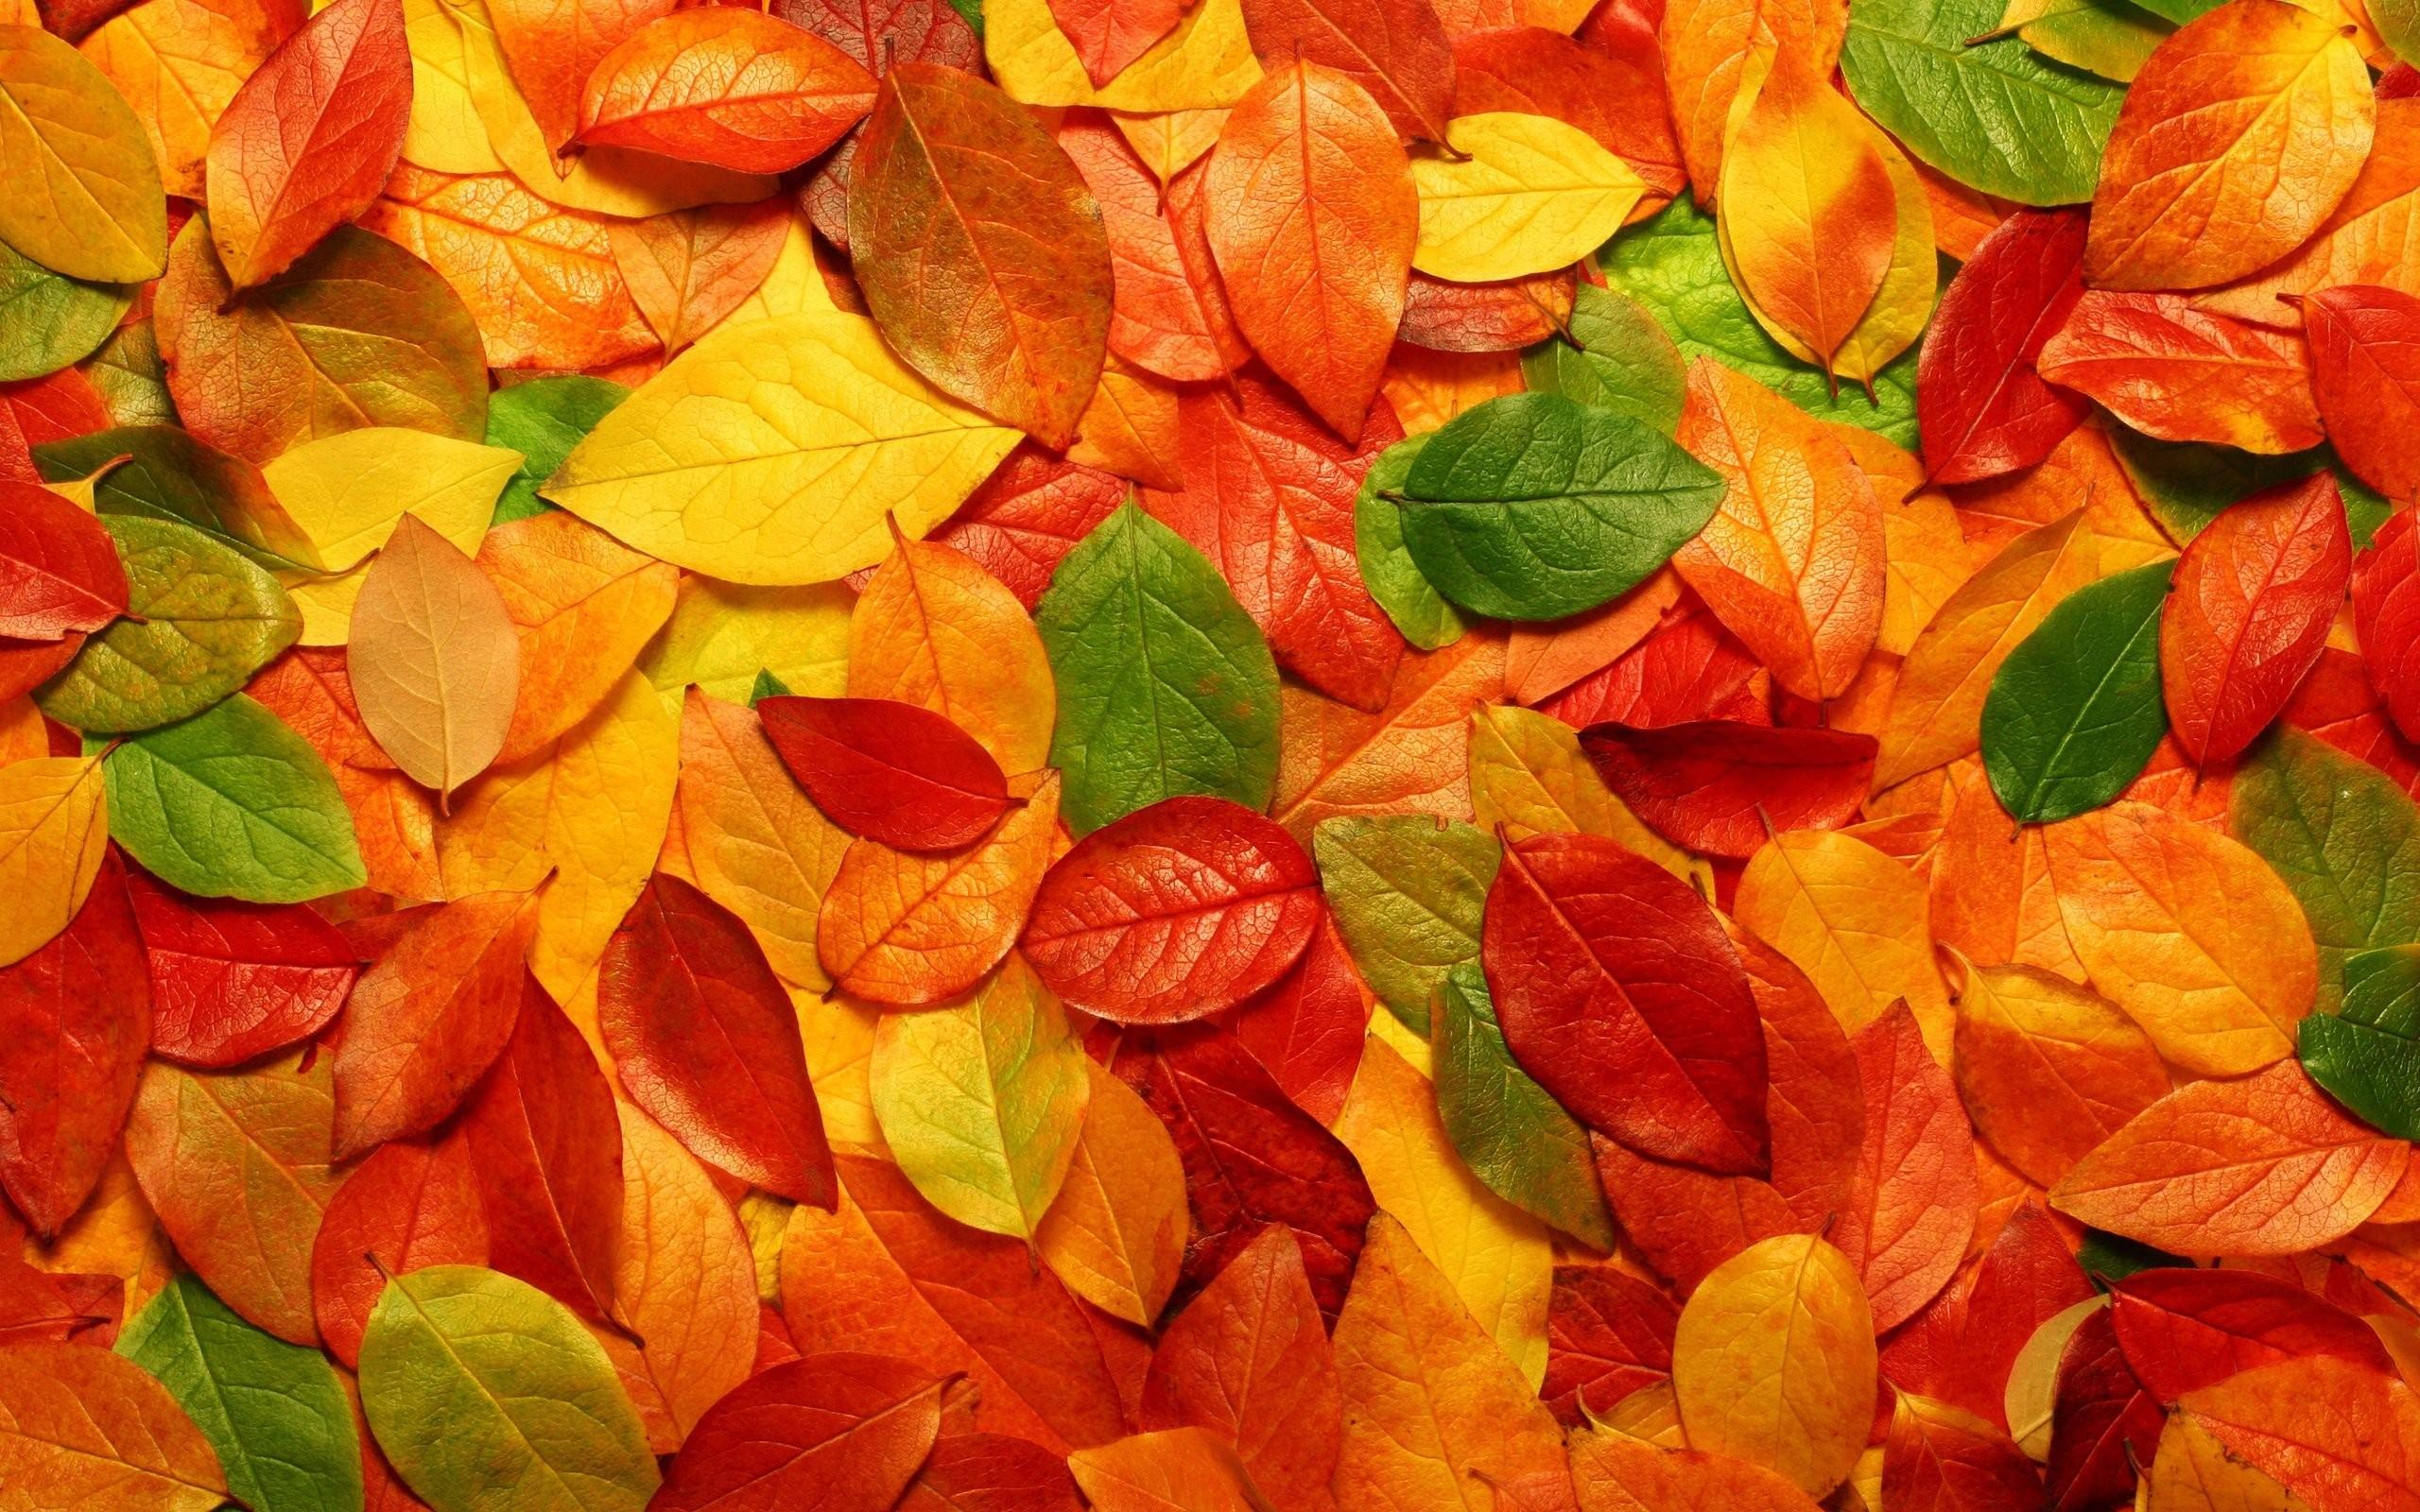 wallpapers/2013/20/autumn-desktop-wallpapers-the .